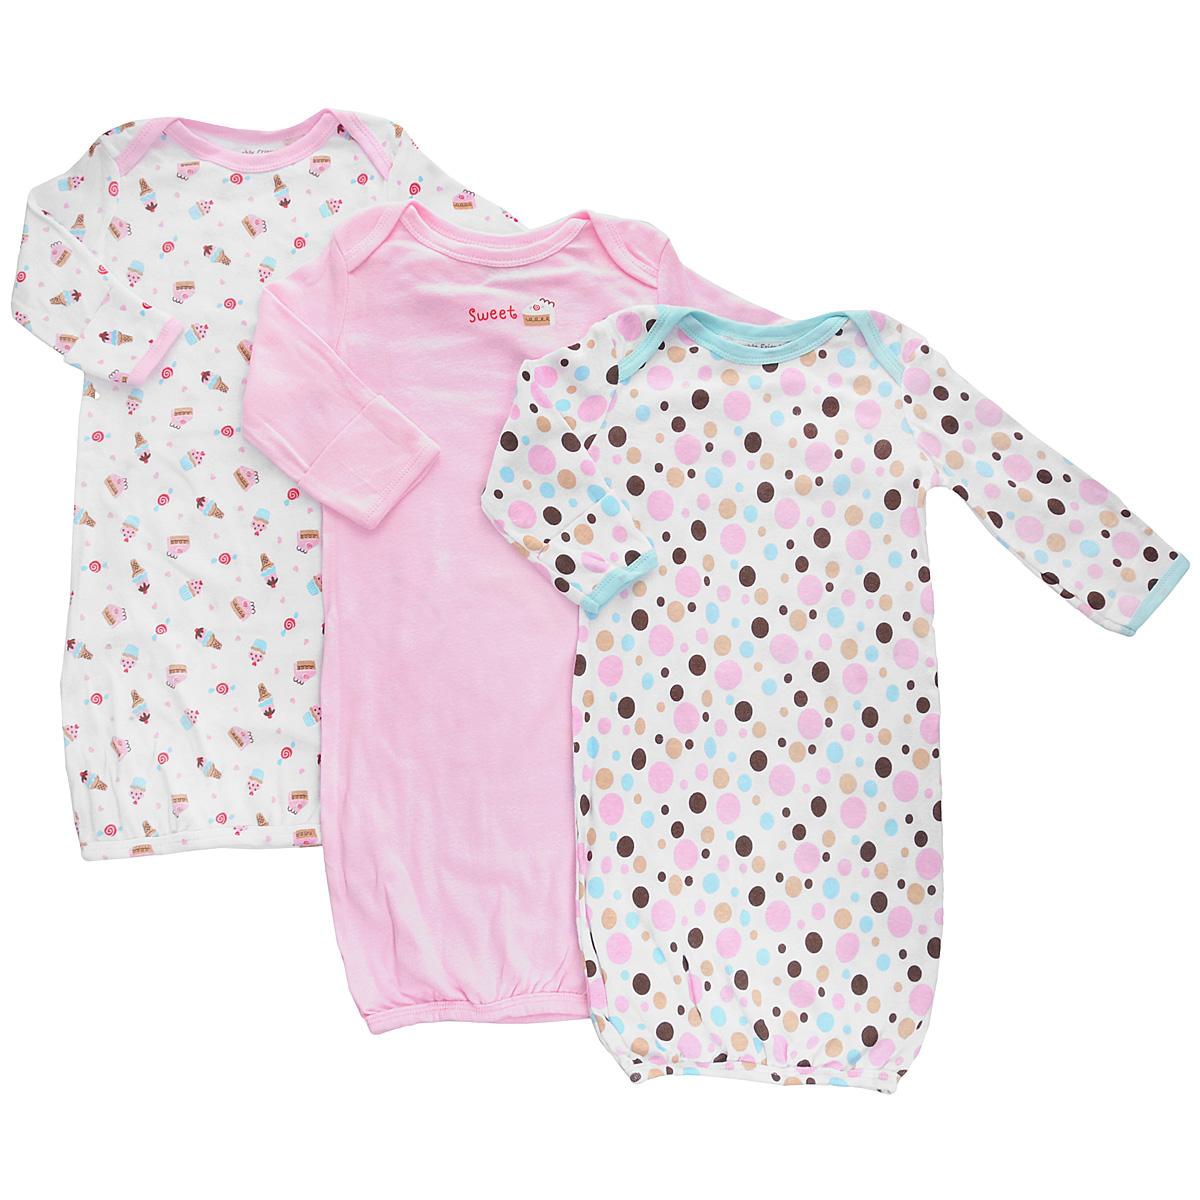 Ночная рубашка33000Детская сорочка Luvable Friends - очень удобный и практичный вид одежды для малышей. Сорочка выполнена из натурального хлопка, благодаря чему она необычайно мягкая и приятная на ощупь, не раздражают нежную кожу ребенка и хорошо вентилируются, а эластичные швы приятны телу малыша и не препятствуют его движениям. Сорочка с длинными рукавами имеет специальные запахи на плечах, которые помогают легко переодеть младенца. Рукава понизу дополнены рукавичками-антицарапками, которые при желании можно отвернуть. Детская сорочка незаменима ночью, полностью соответствует особенностям жизни младенца в ранний период, не стесняя и не ограничивая его в движениях! В комплект входят сорочки трех расцветок.